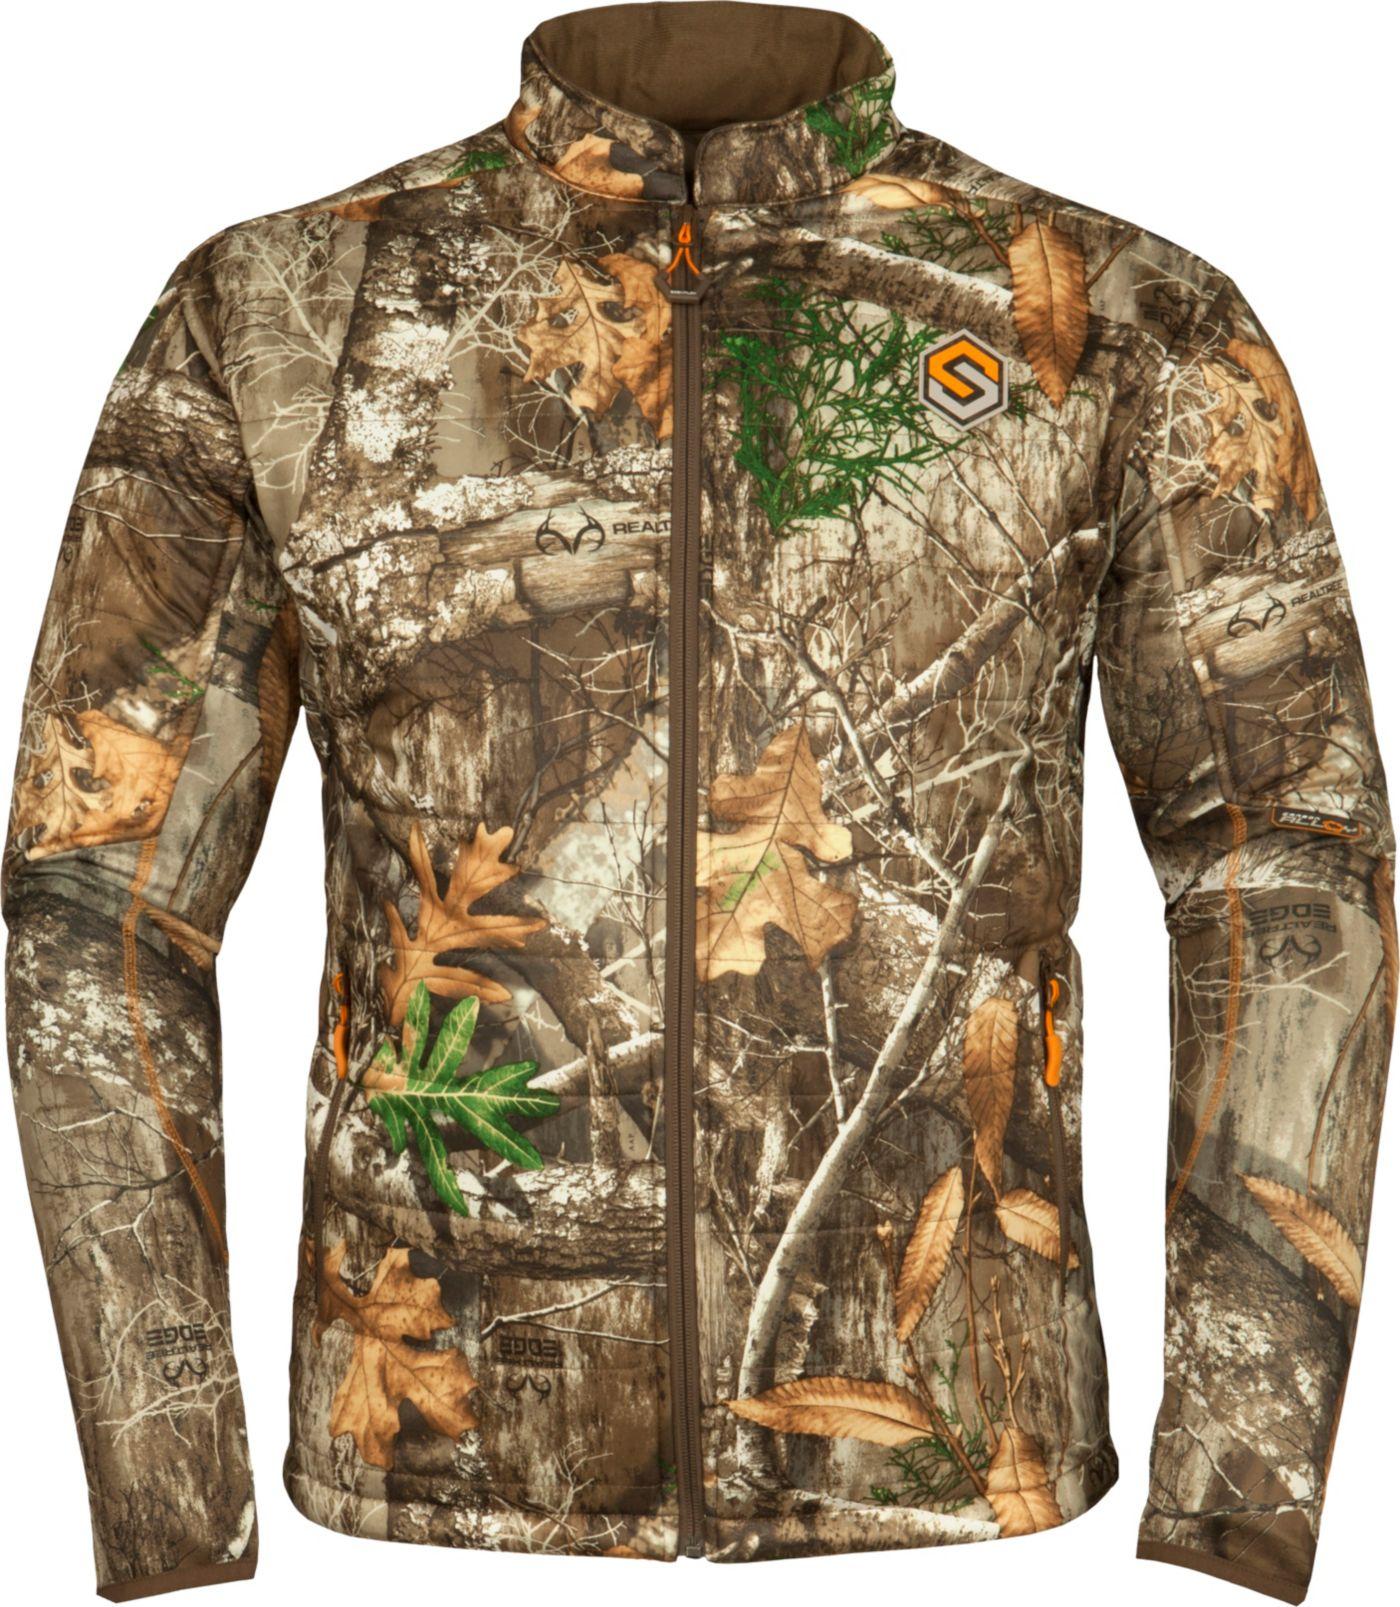 ScentLok Men's Crosstek Hybrid Insulated Jacket